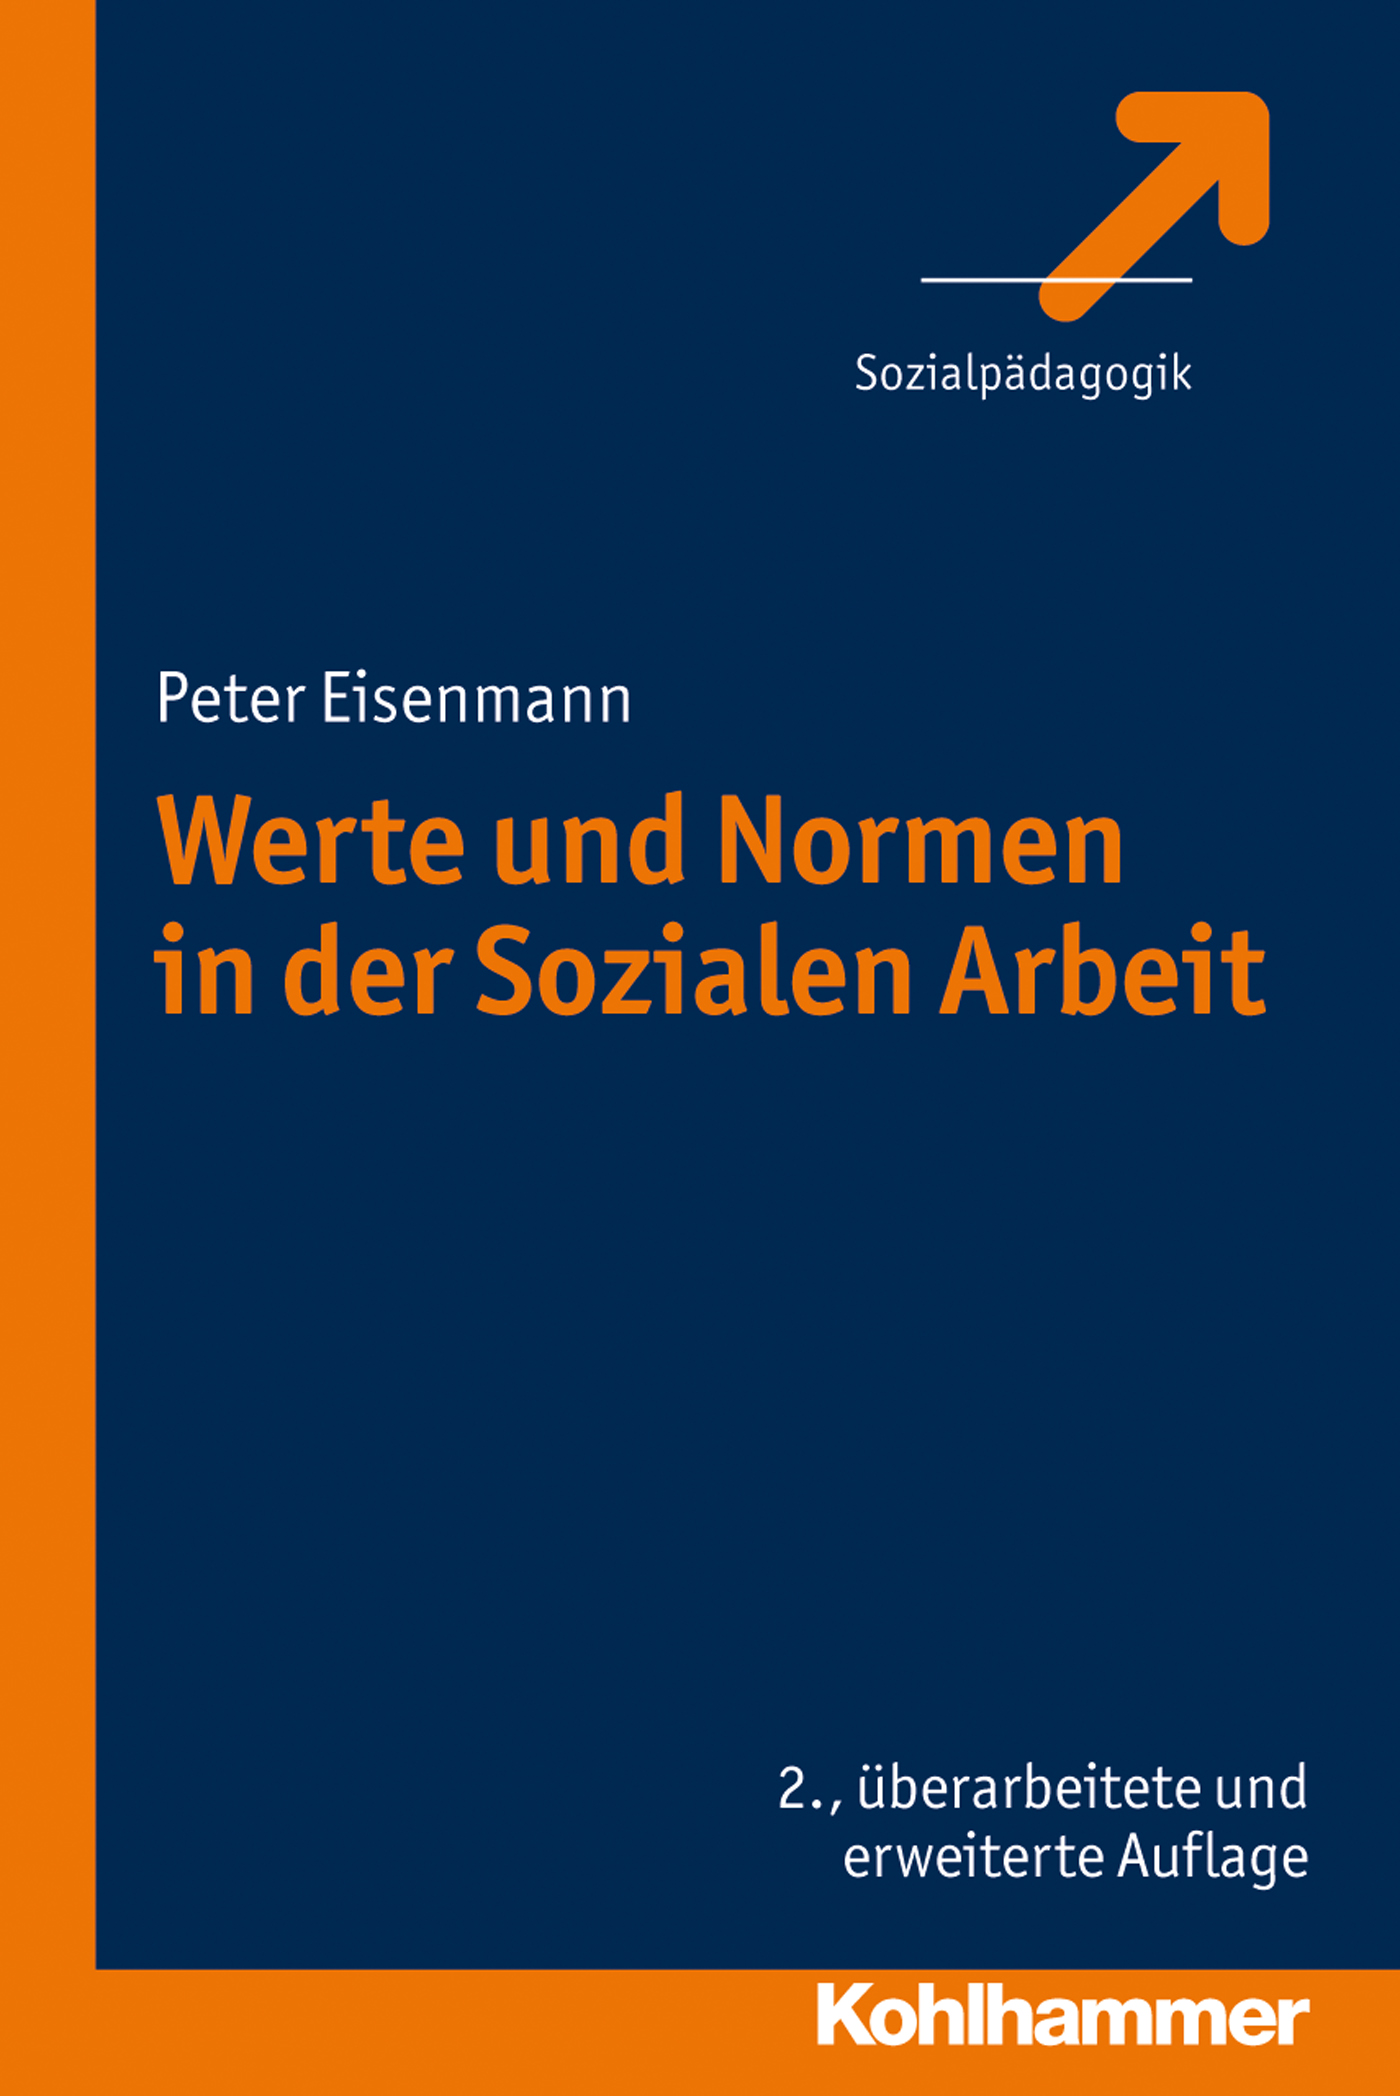 Peter Eisenmann Werte und Normen in der Sozialen Arbeit